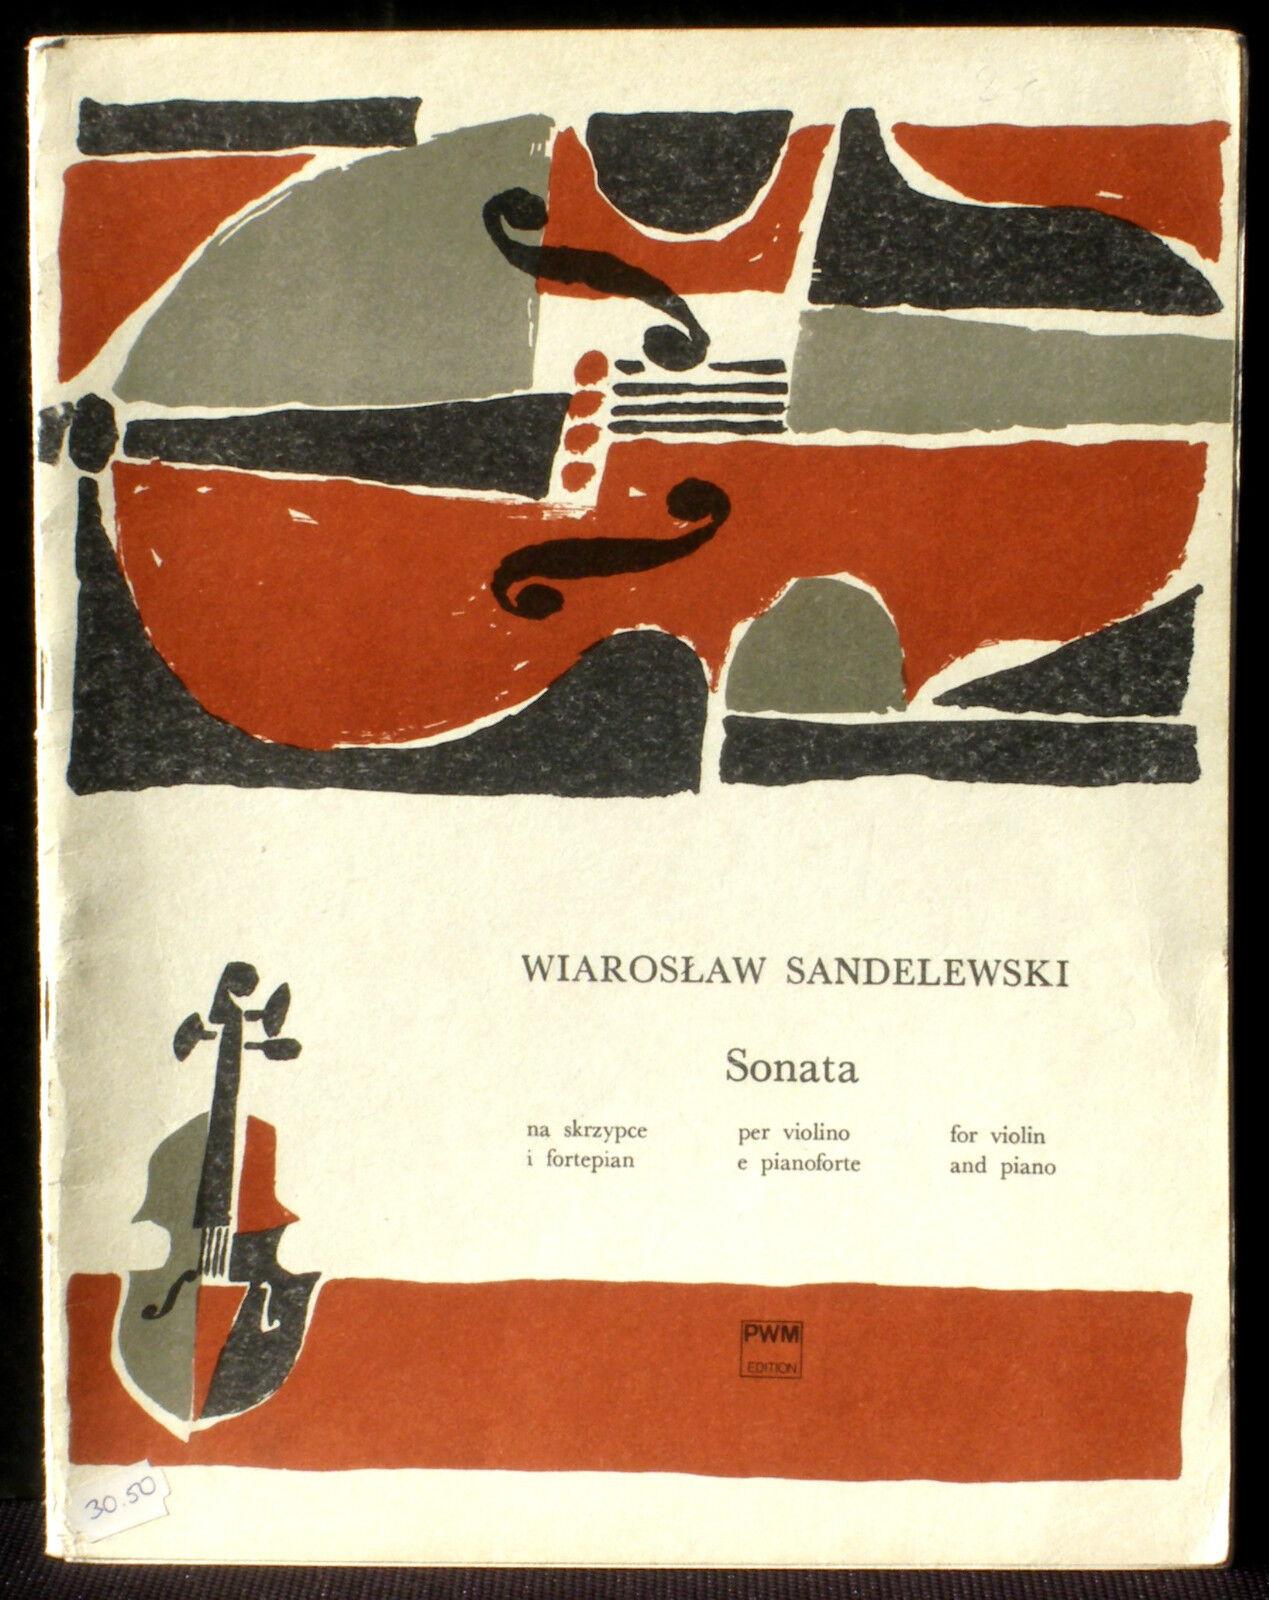 Partition   Score Score Score Wiaroslaw Sandelewski Sonata violin  piano PWM  EX 06123c